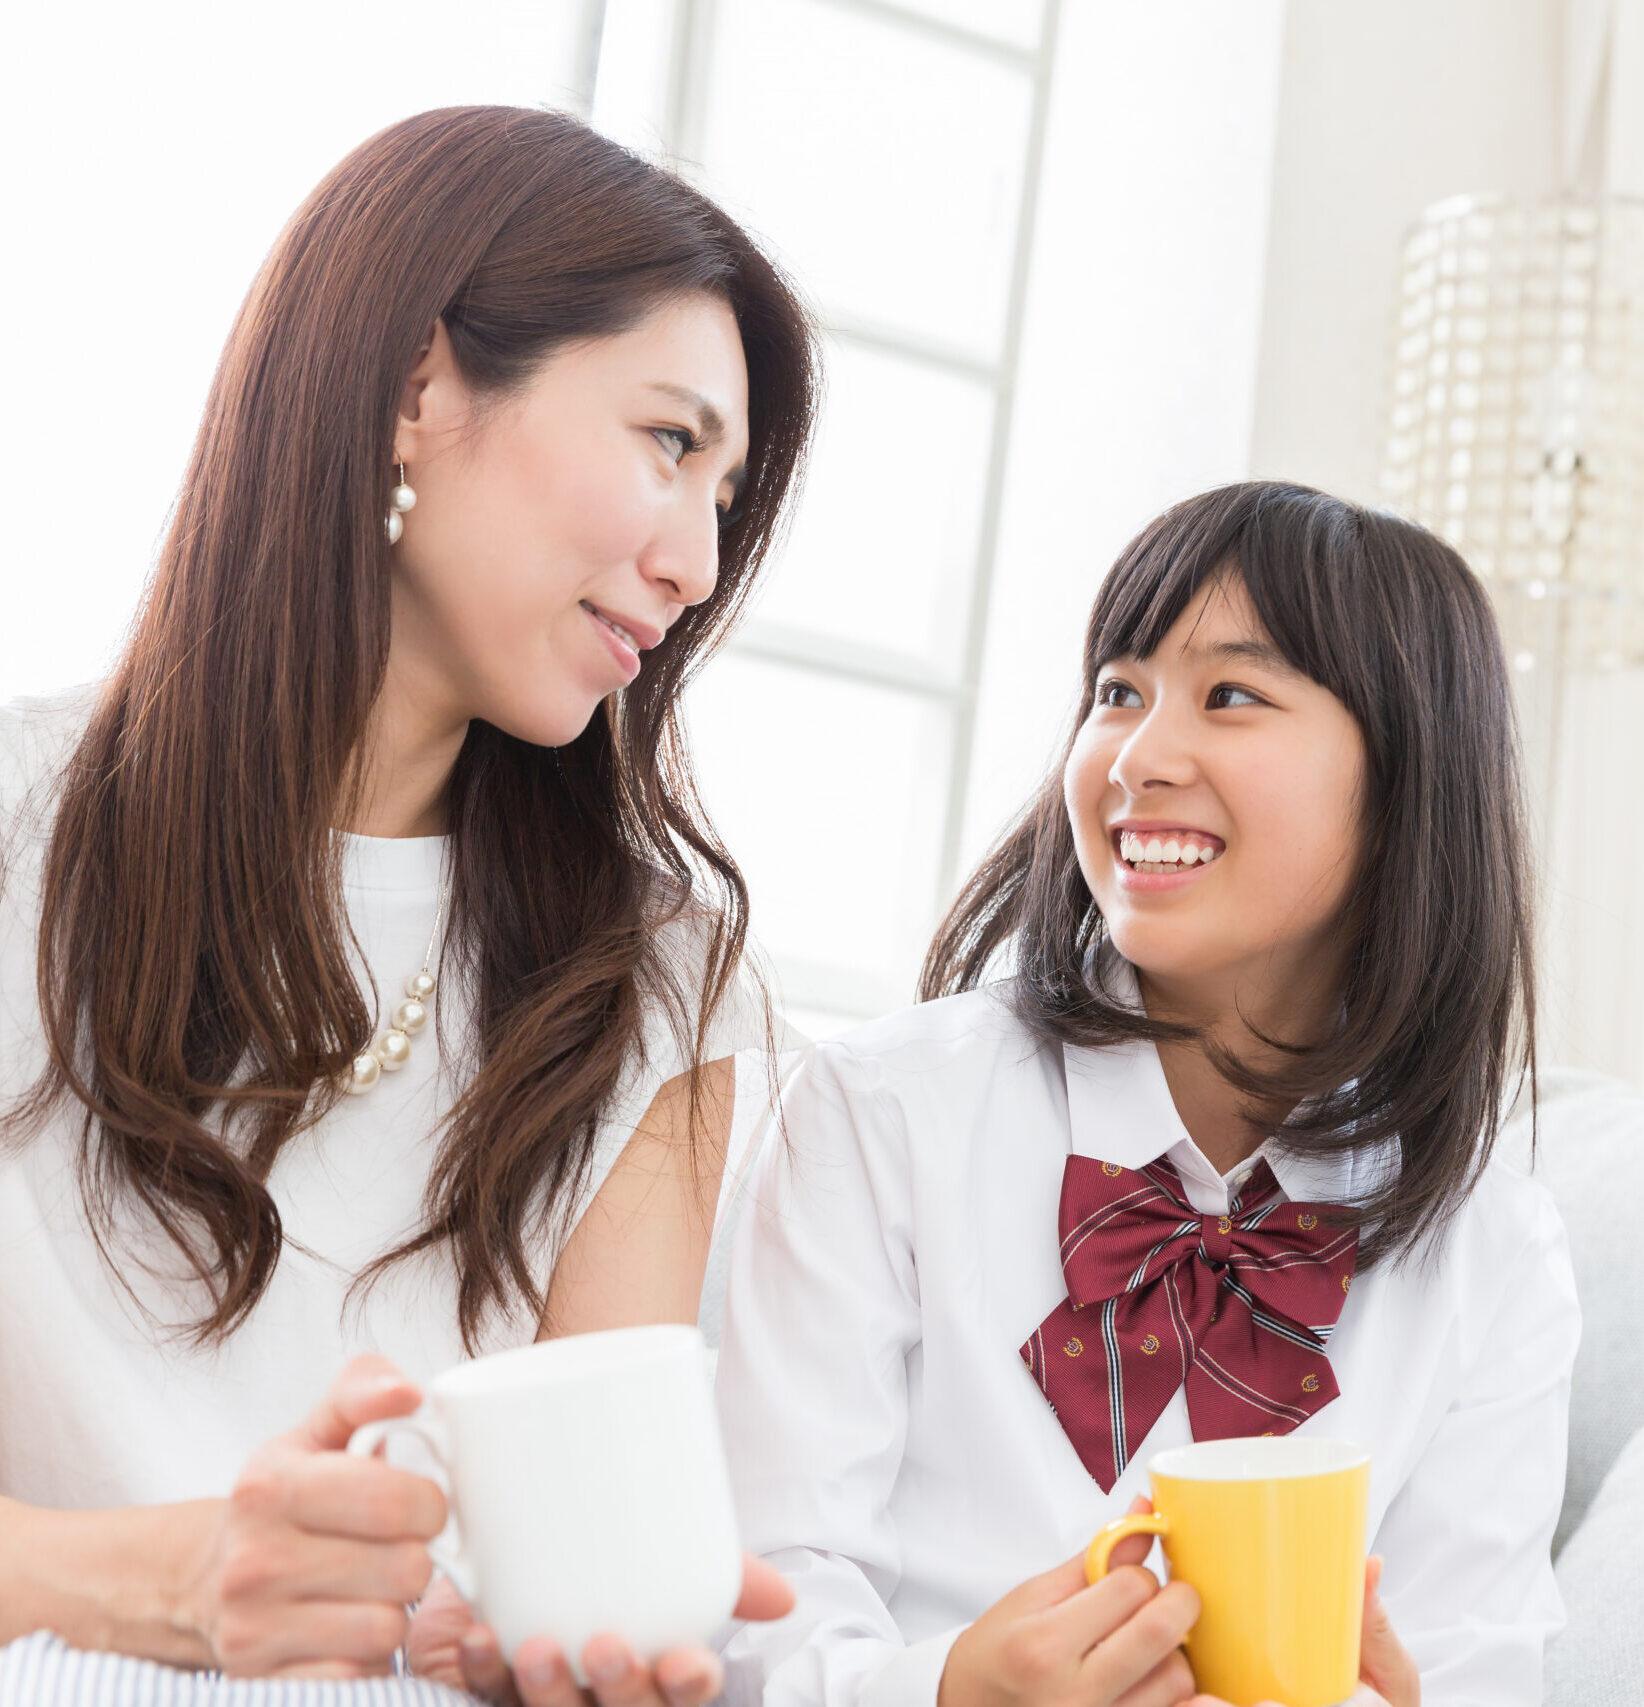 親としてどうするべきか?受験生の子どもとの接し方